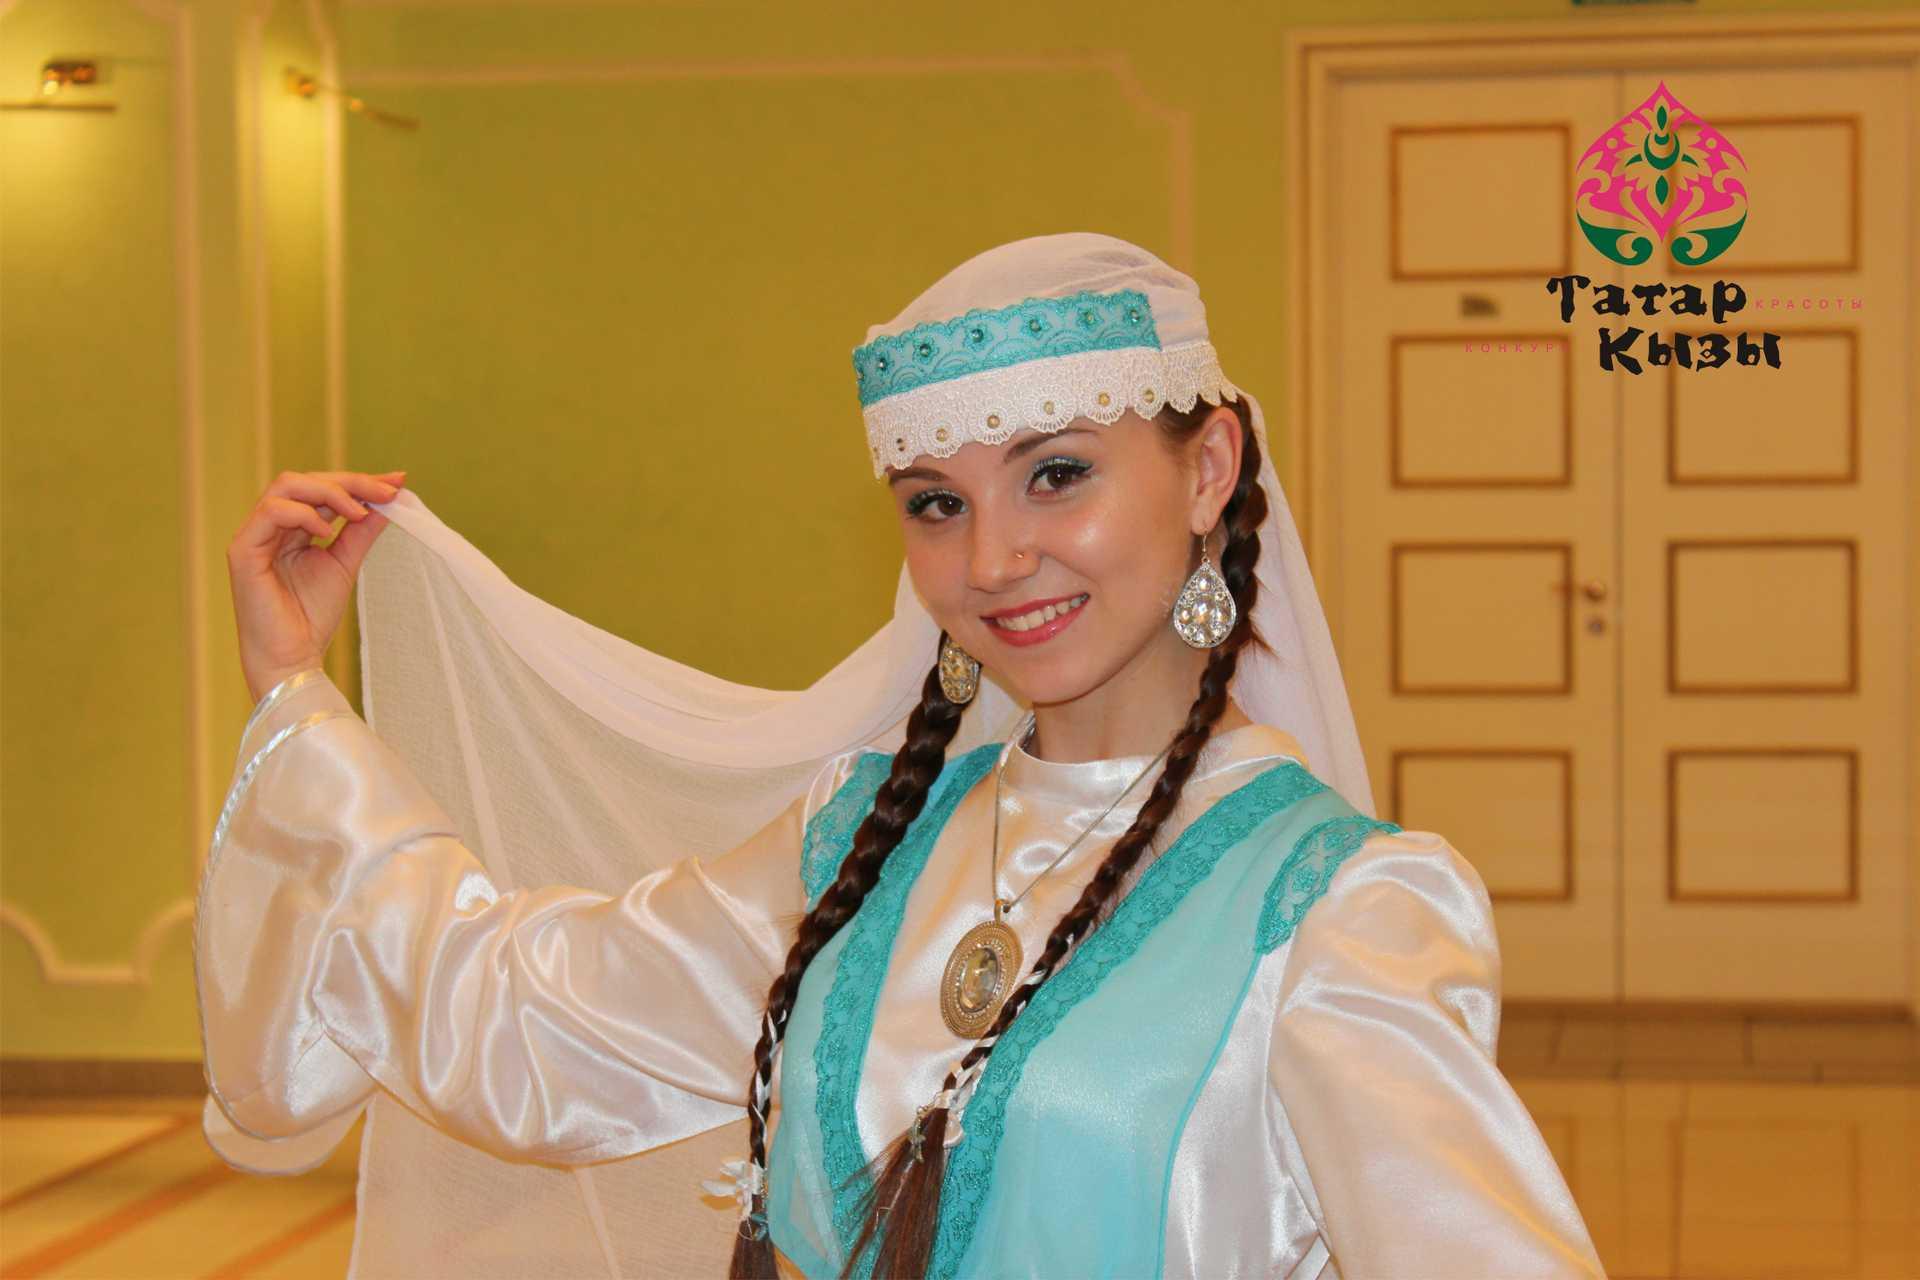 Знакомства татар москвы 7 фотография